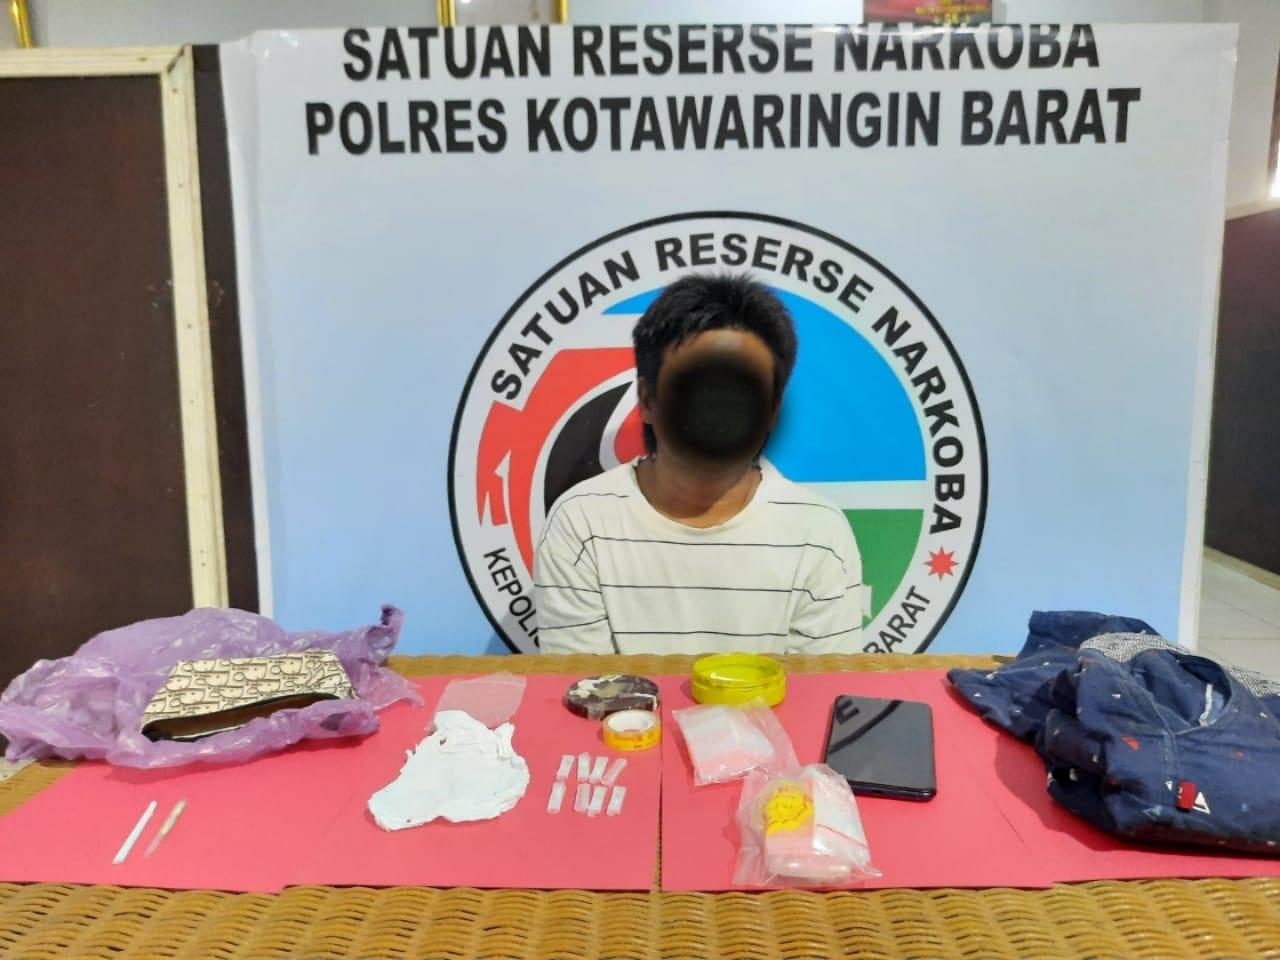 Kerap Kali Transaksi Jual Beli Narkoba Seorang Pria Buruh Harian Lepas Diciduk Satresnarkoba Polres Kobar